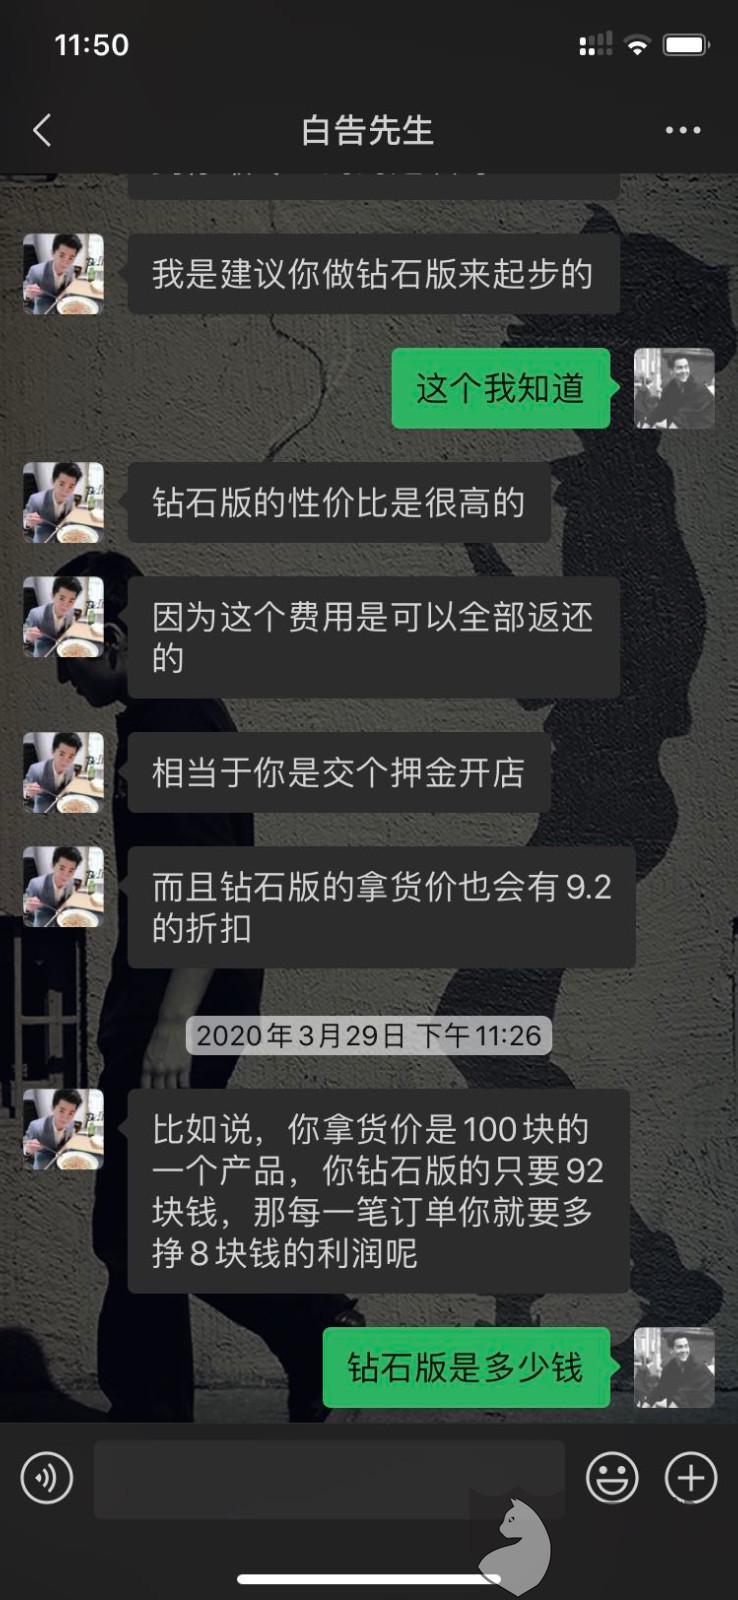 黑猫投诉:该运营公司诱导消费,说好可以退款却反悔不退,有虚假宣传嫌疑!!!!!